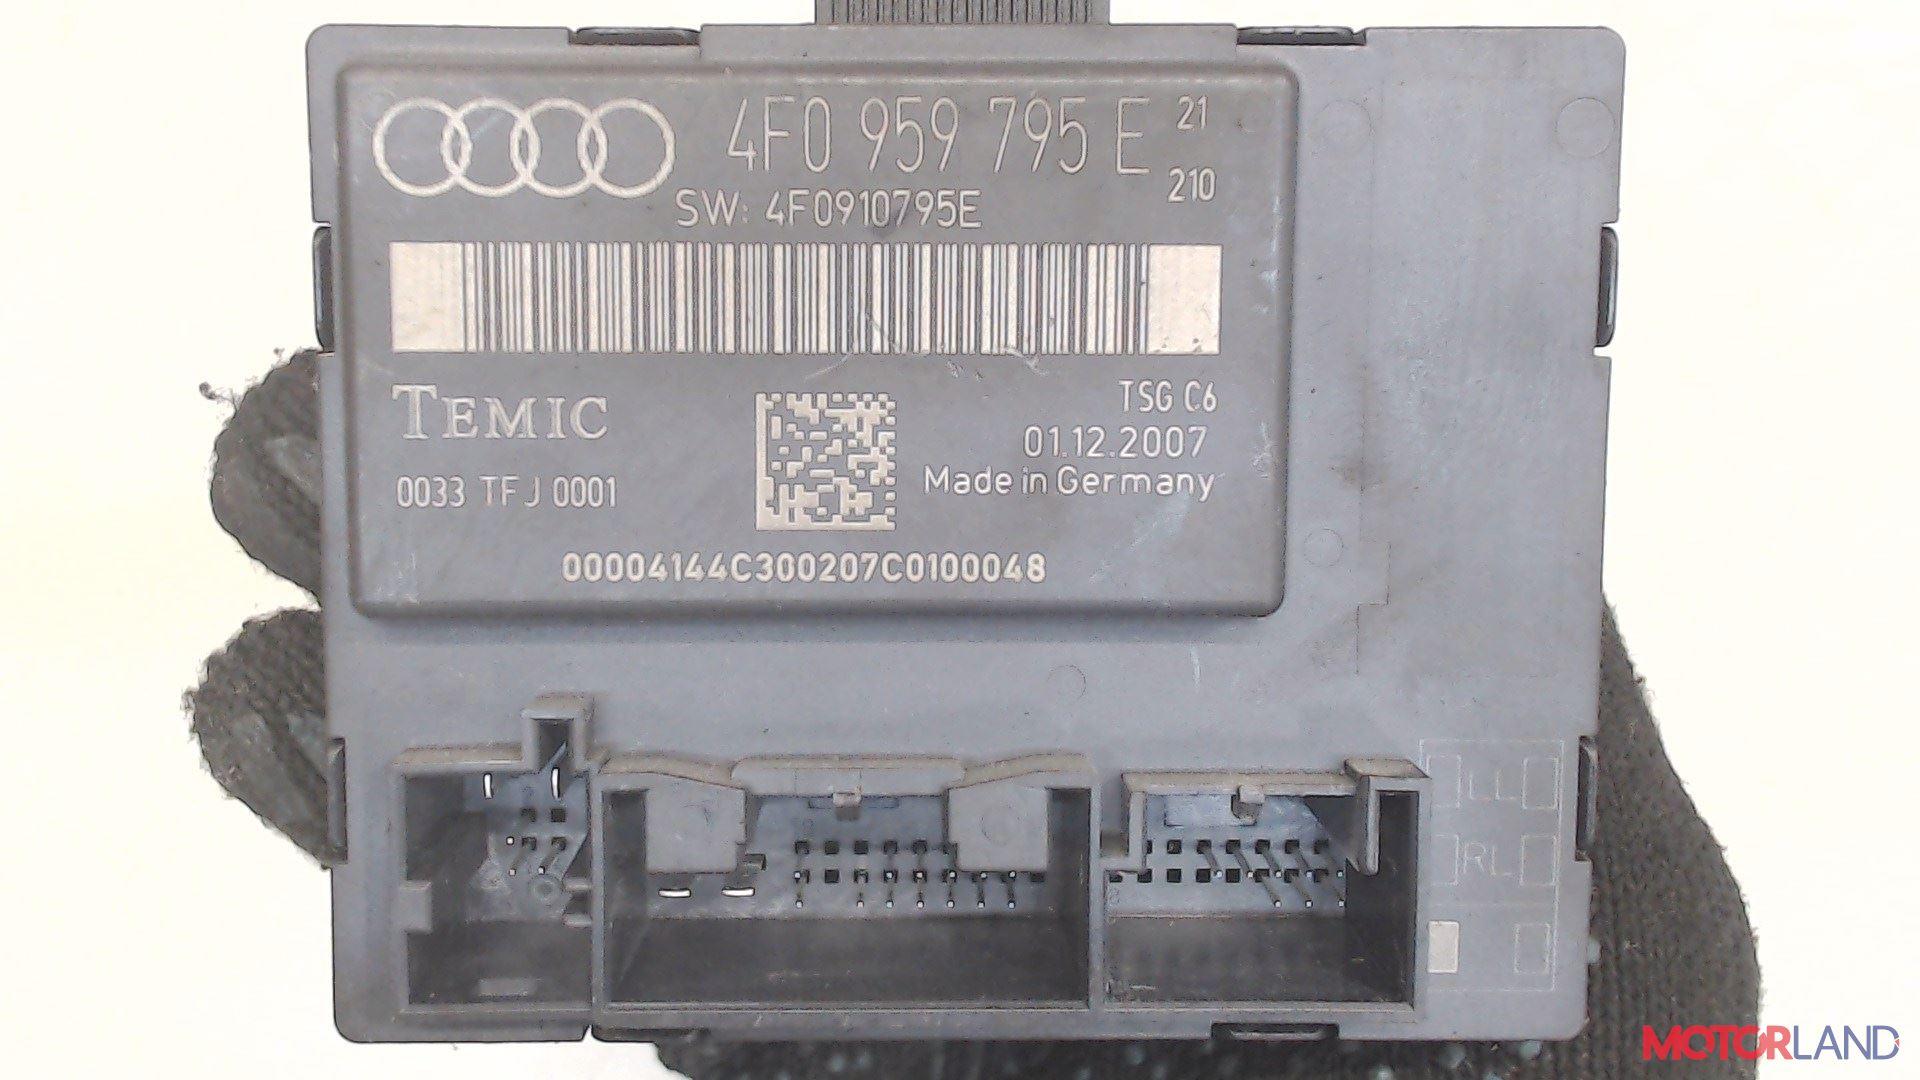 Блок управления (ЭБУ) Audi A6 (C6) 2005-2011 3.2 л. 2007 BKH б/у #3